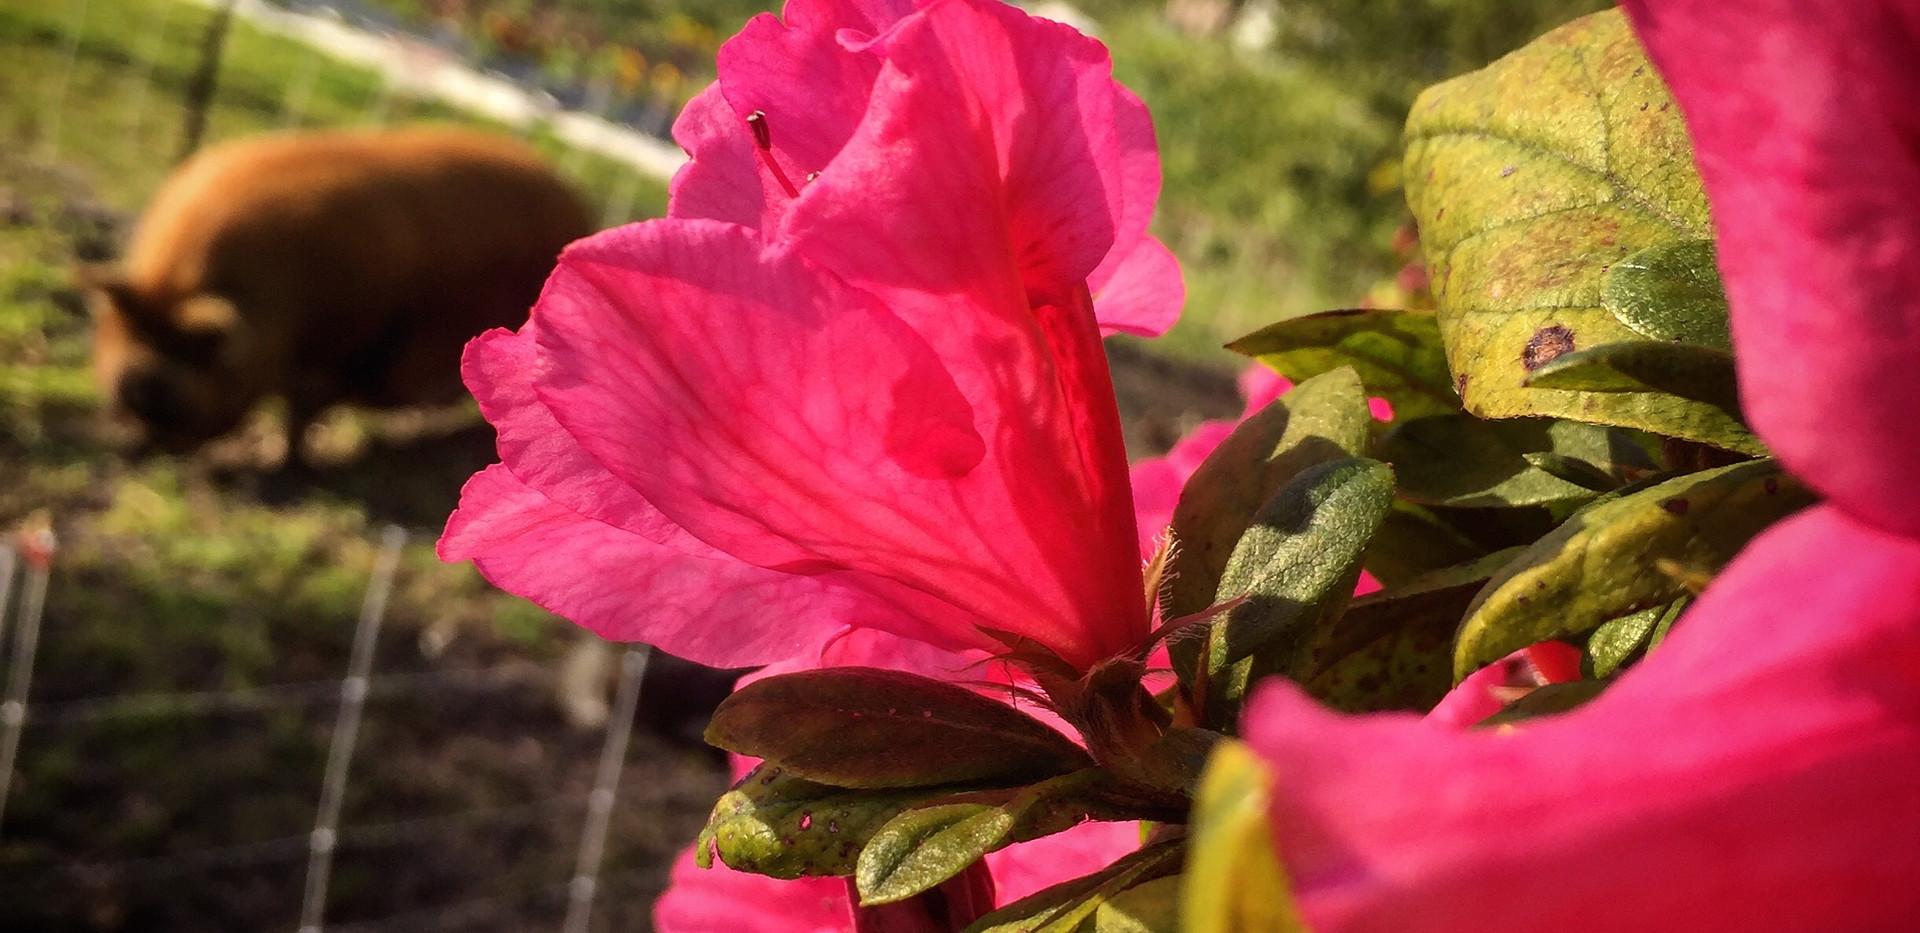 Kunekune's love flowers!